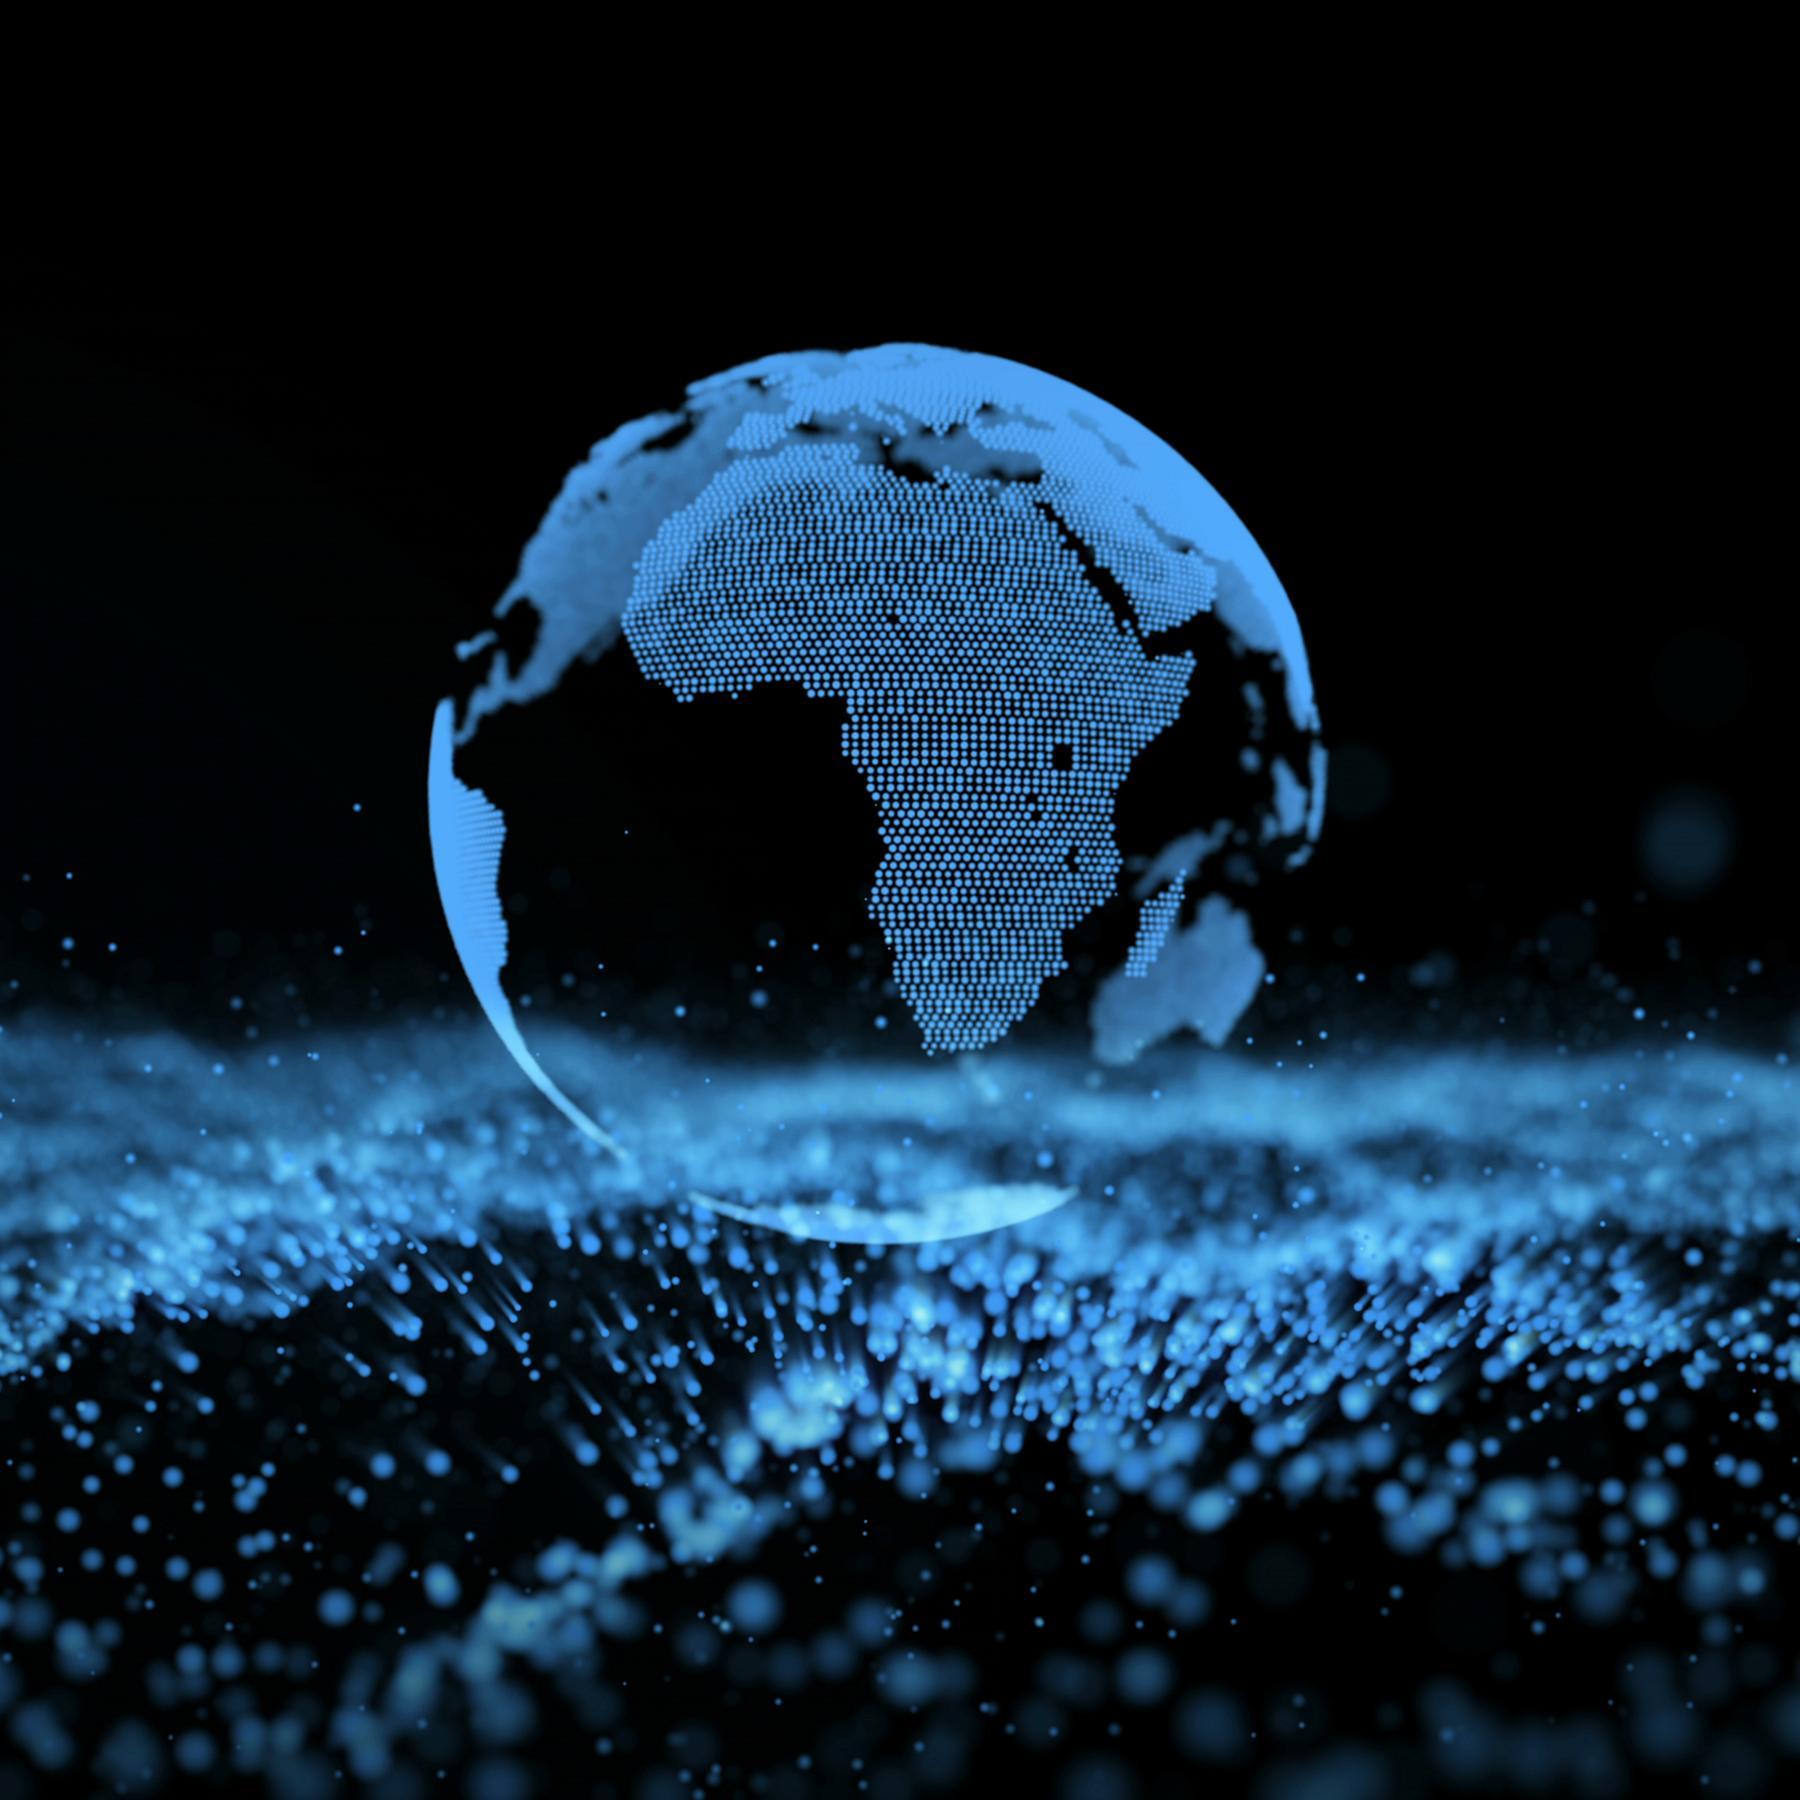 Die Erde - Ein Planet in ständiger Bewegung